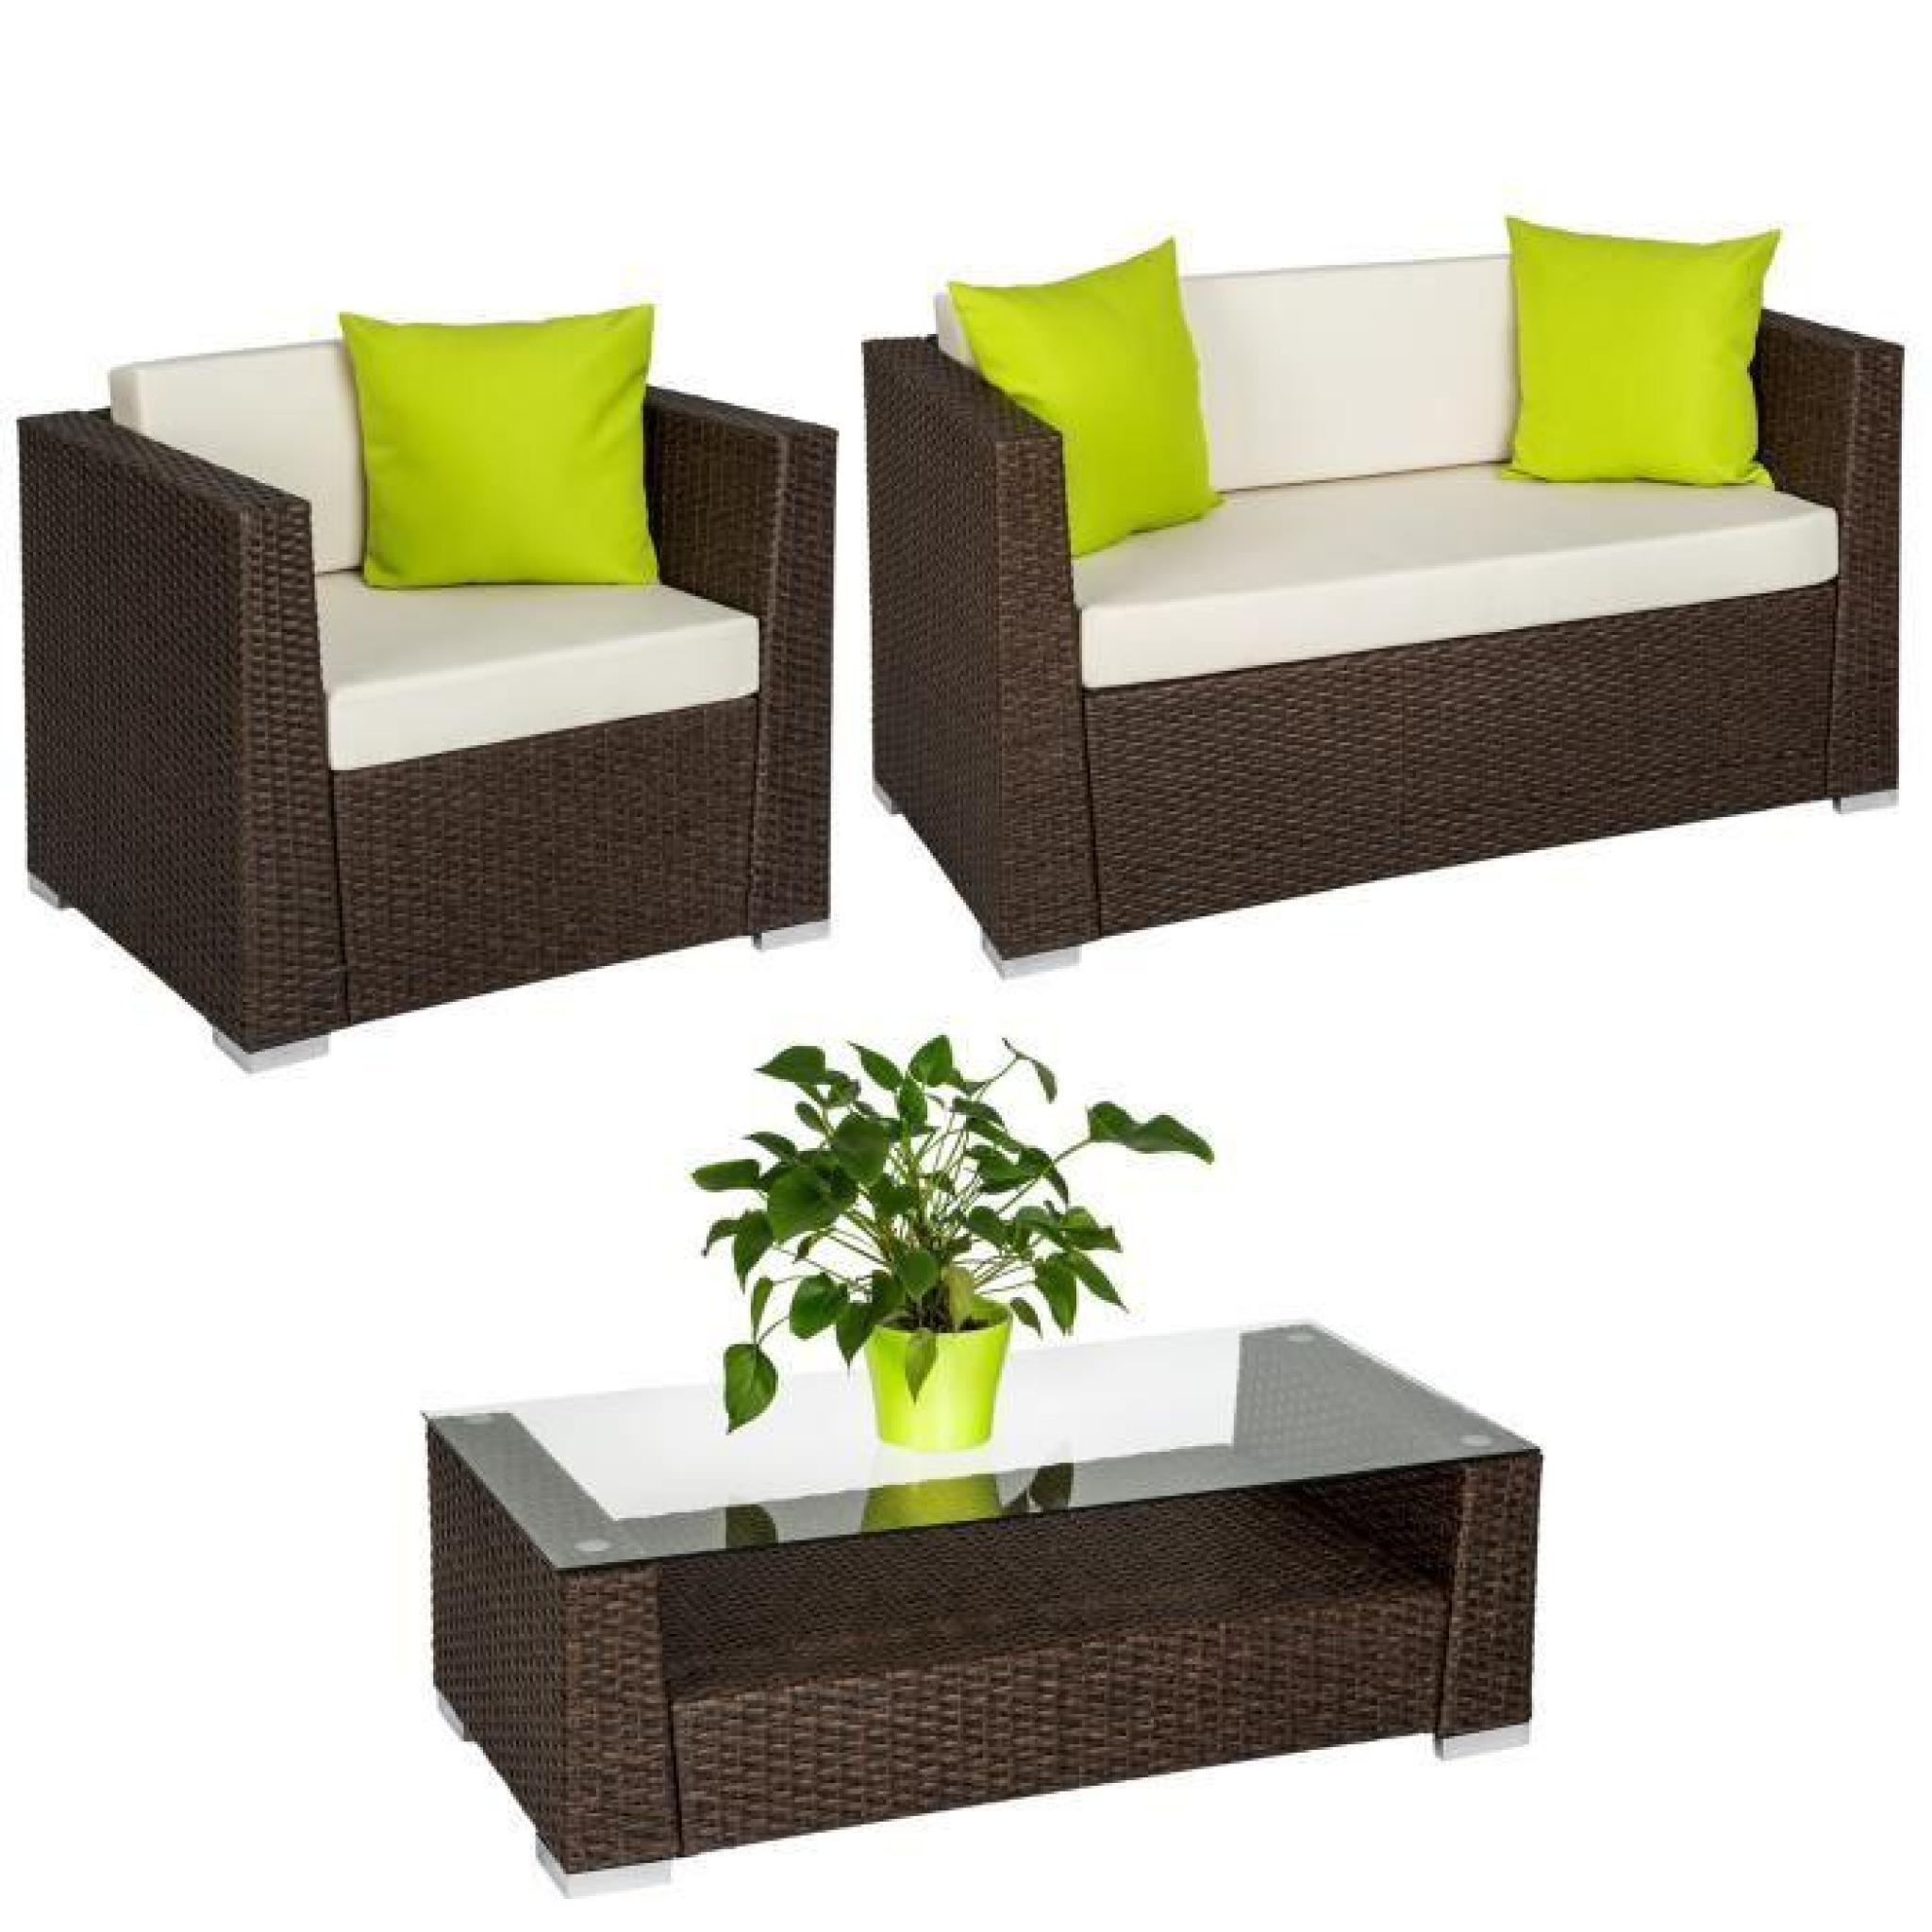 Salon de jardin ANTIQUE - 2 Chaises Fauteuils, 1 Canapé, 1 Table en ...